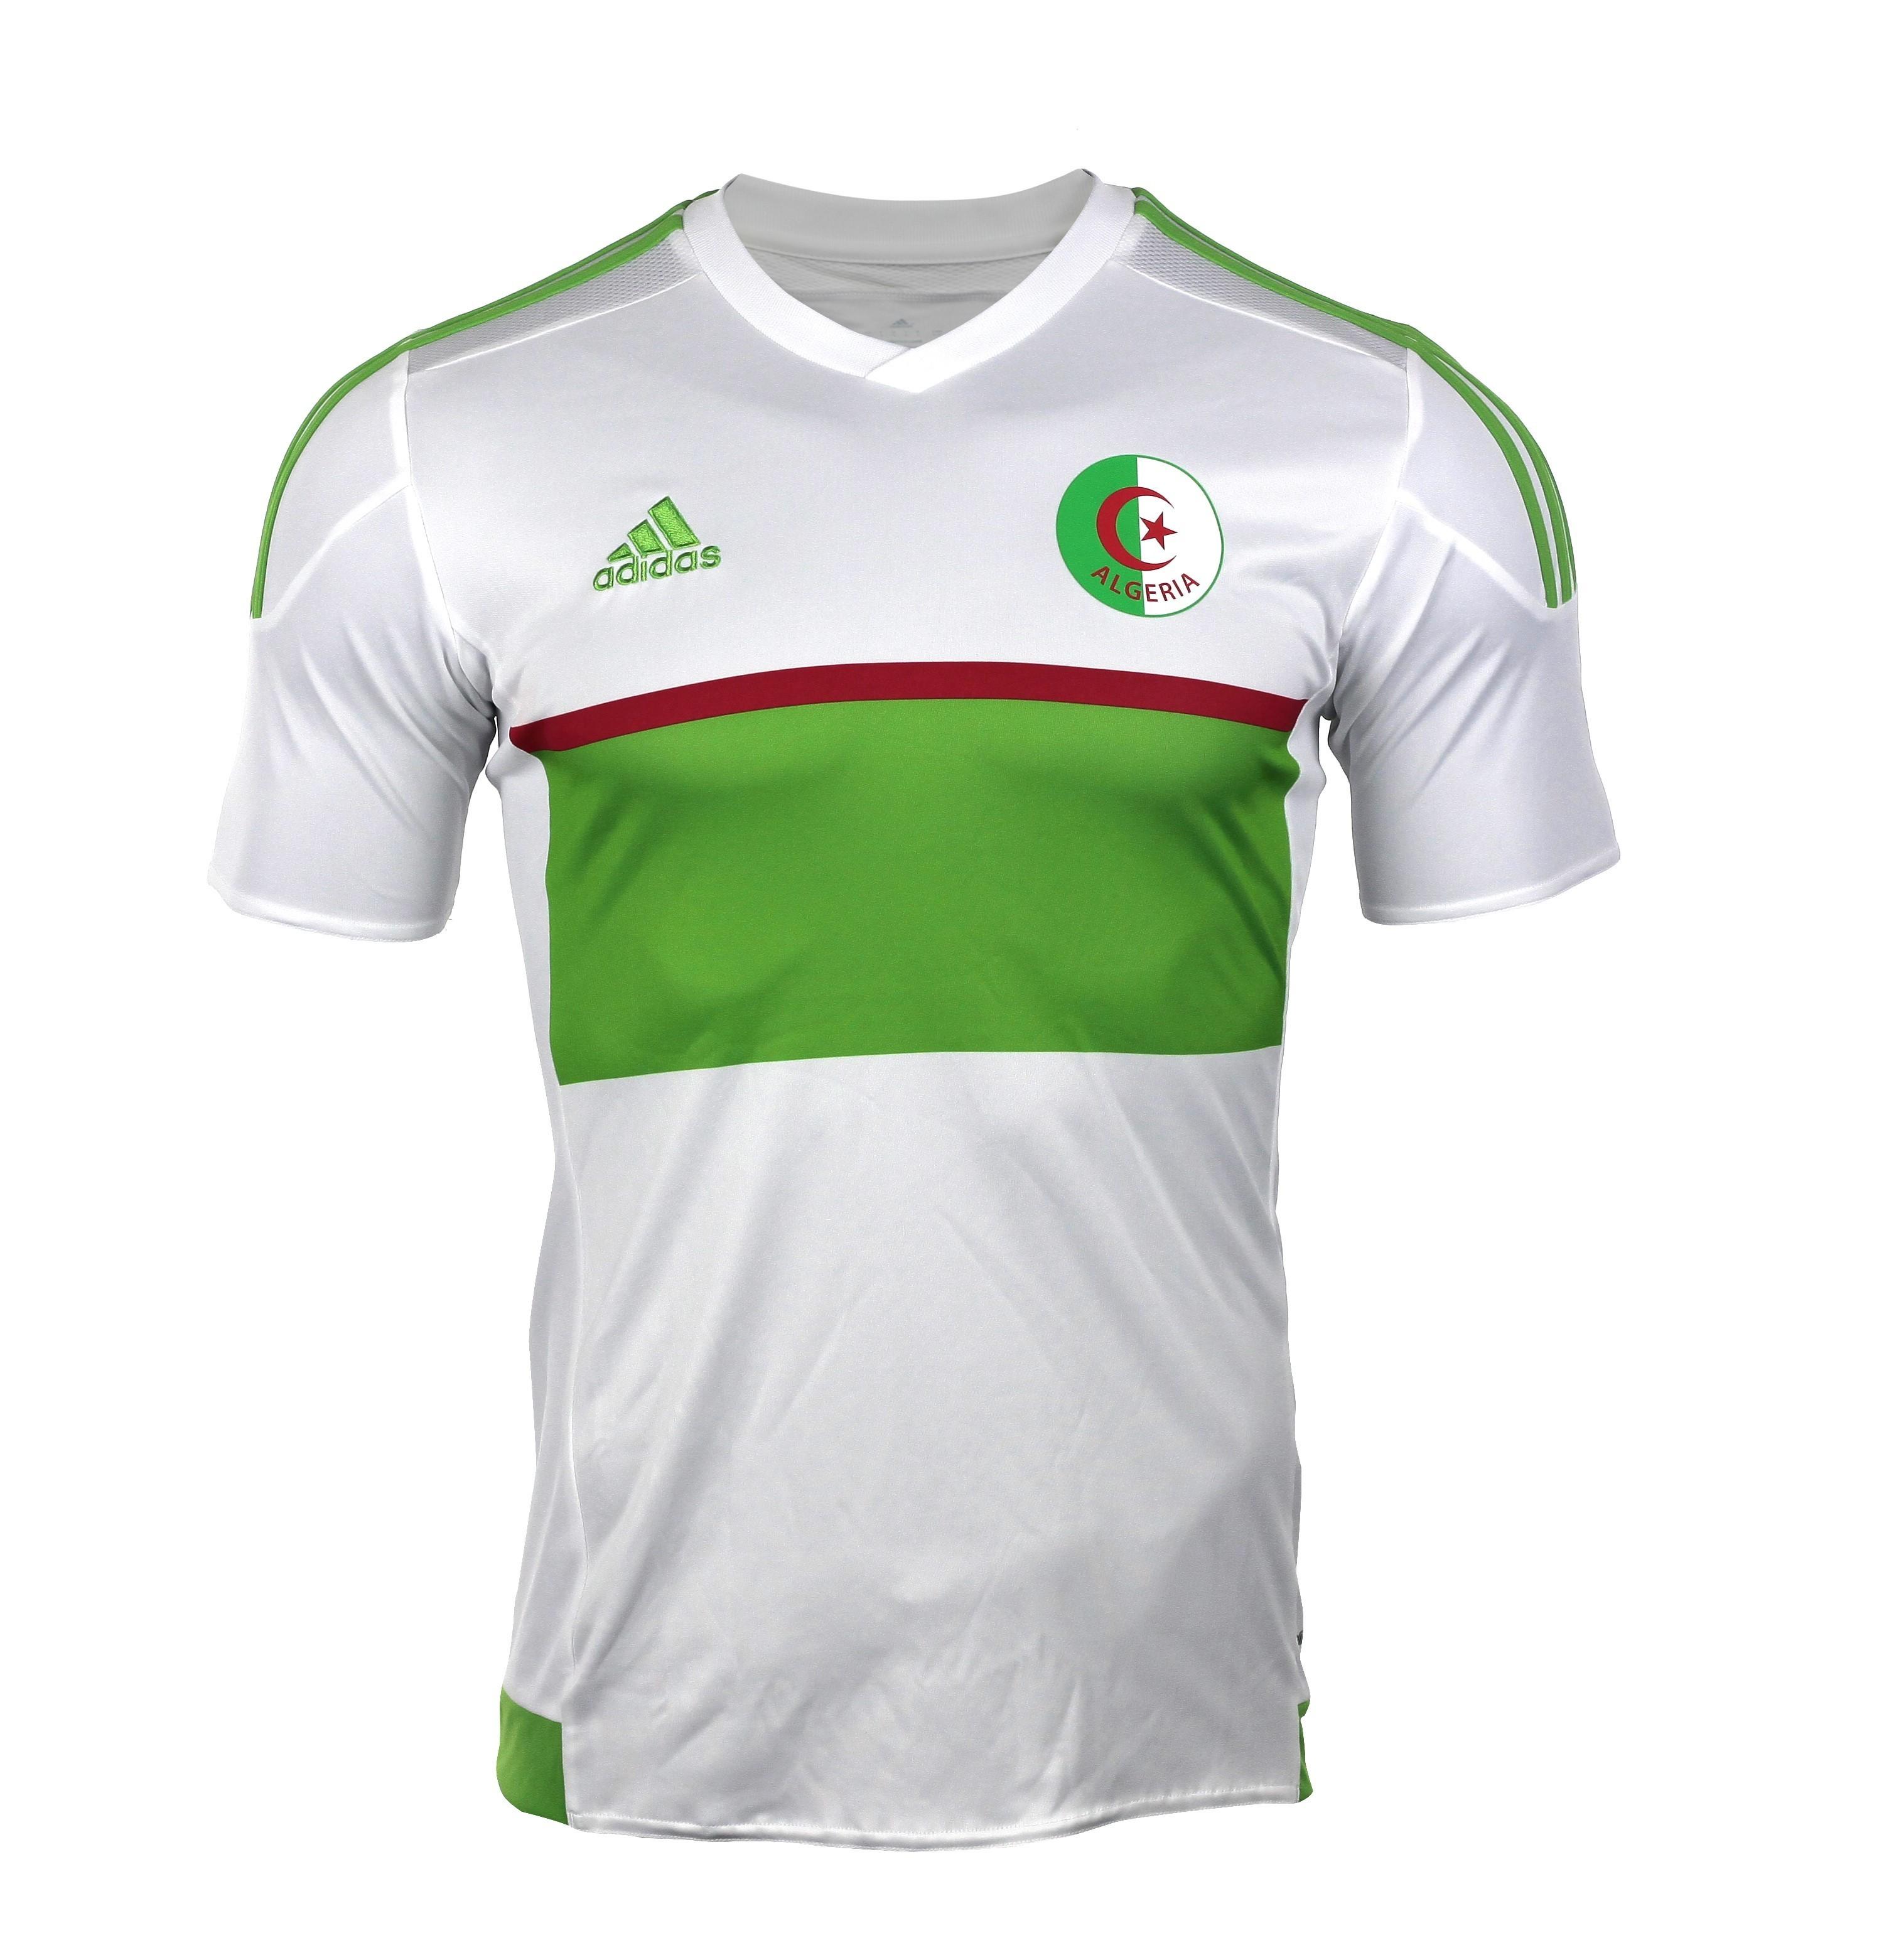 adidas neo homme prix algerie